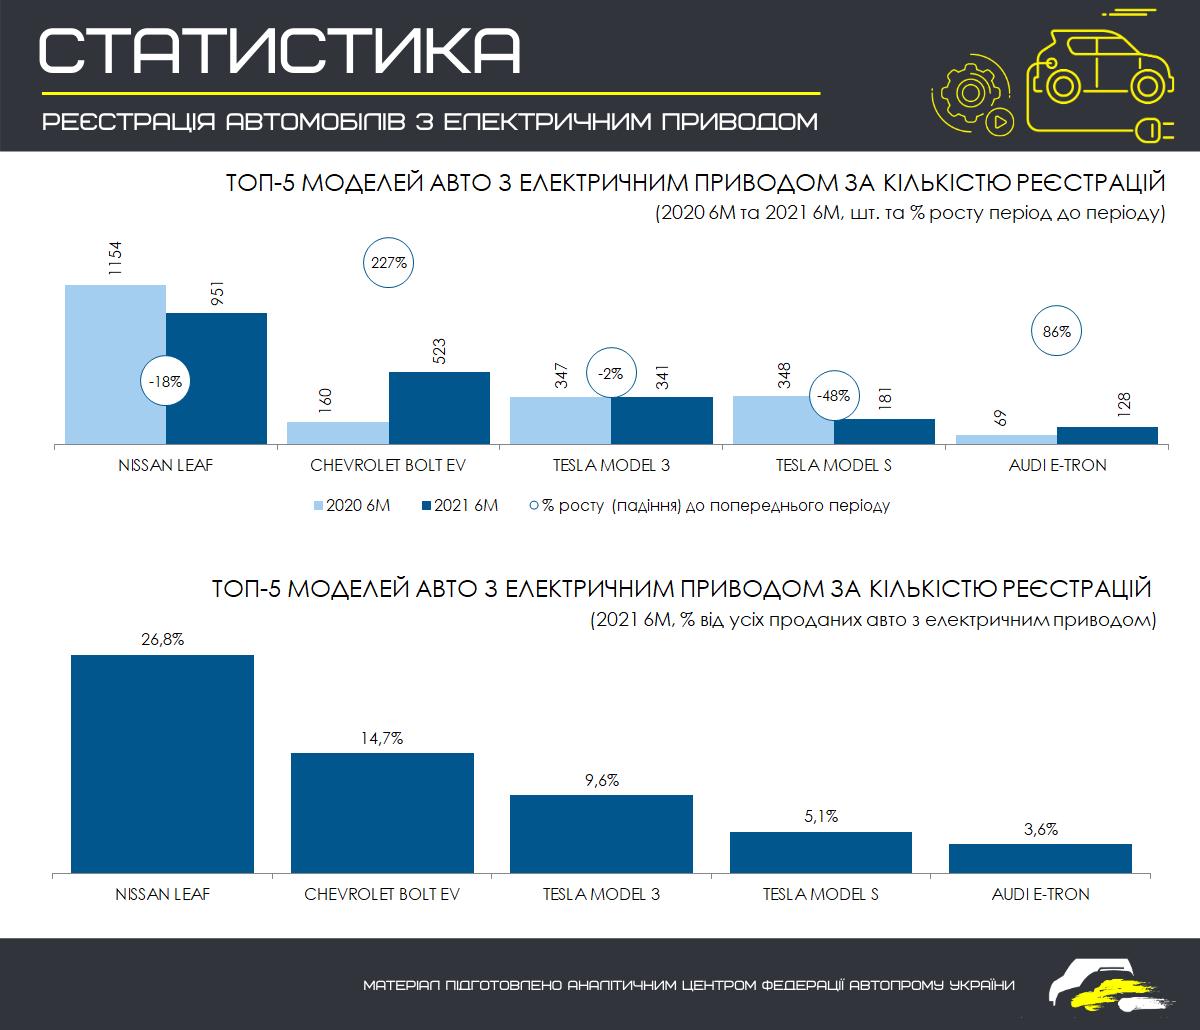 За полгода в Украине зарегистрировали 3550 электромобилей